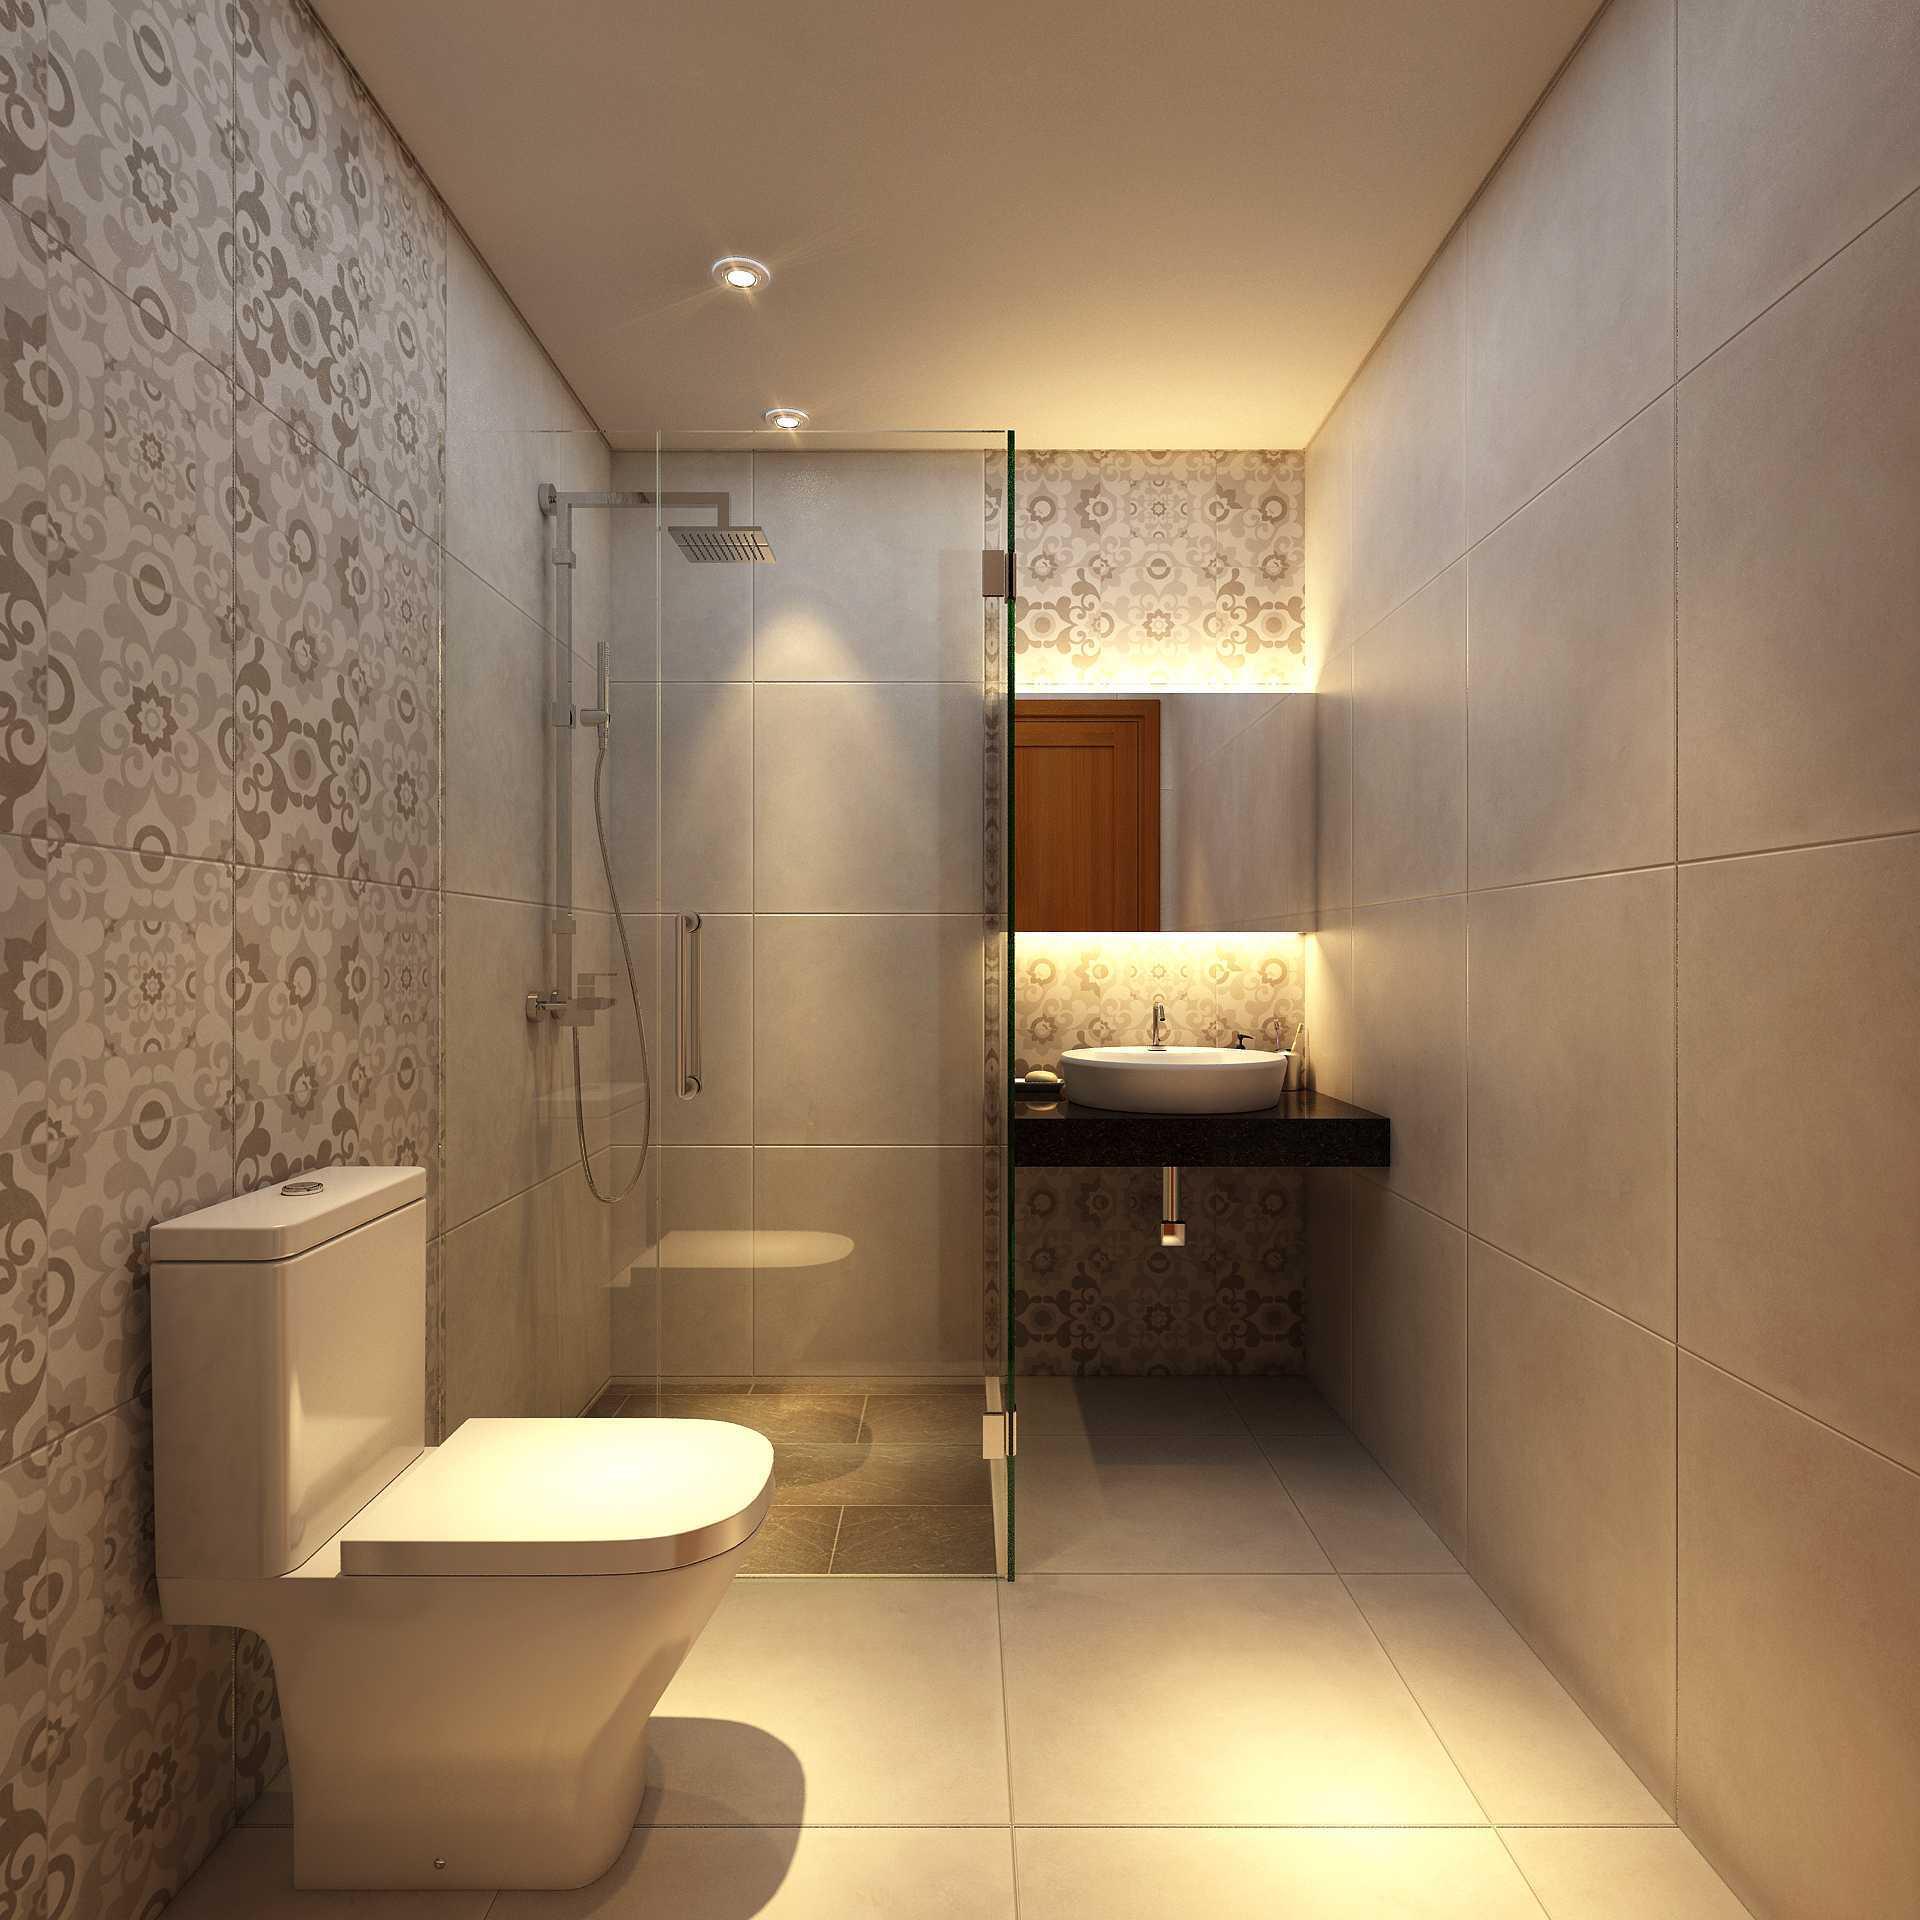 Pt Dekorasi Hunian Indonesia Private Villa At Bali Bali, Indonesia Bali, Indonesia Bathroom   46482